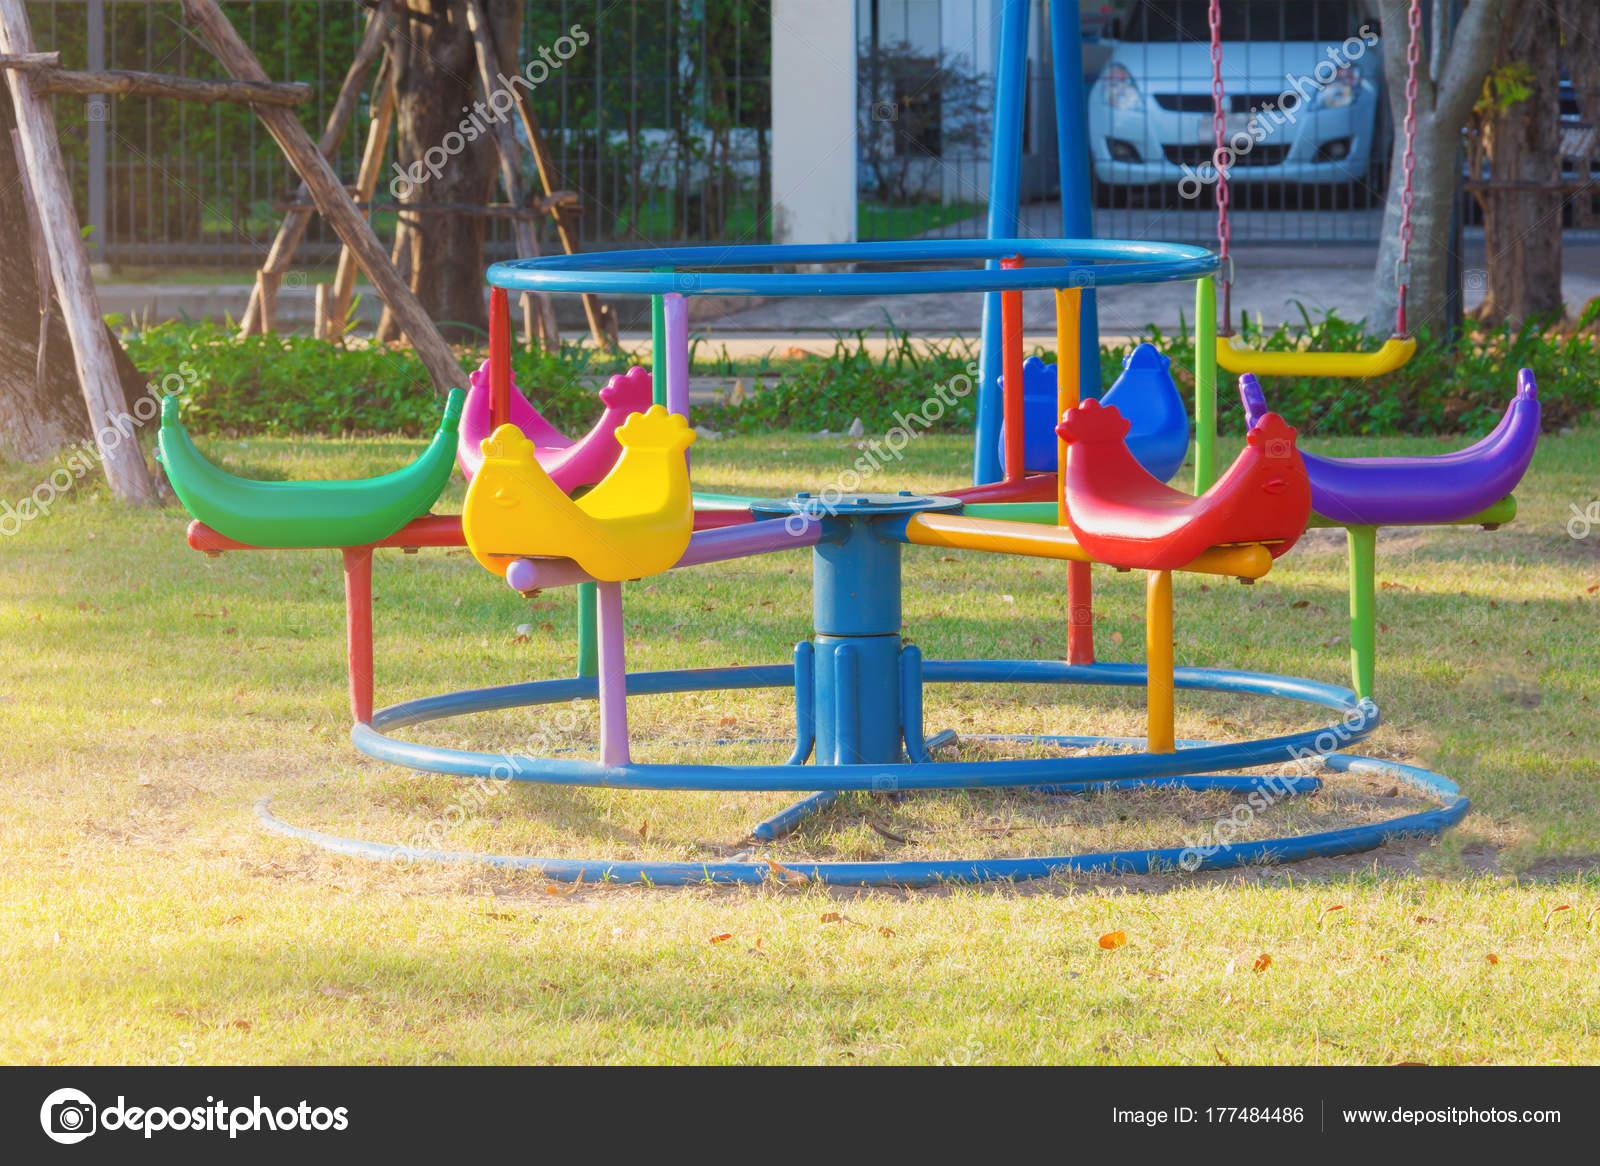 Juegos Para Niños Jugar Jardín — Foto de stock © aphichart #177484486